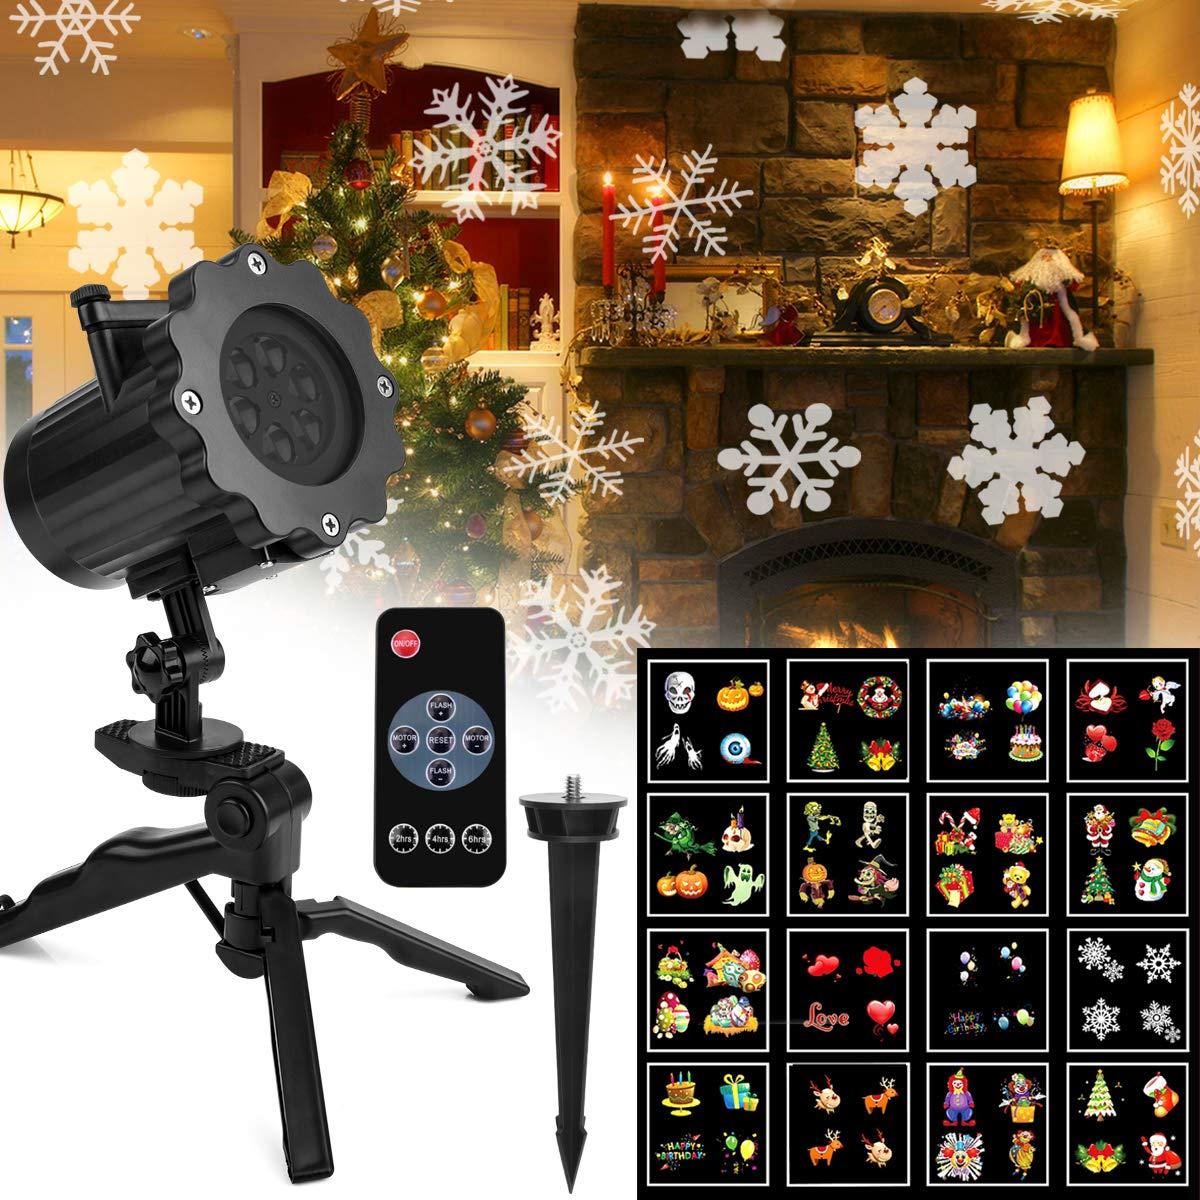 Projektor Licht Außen Fochea LED Gartenstrahler Set, LED Außen Strahler, Weihnachten LED Projektionslampe Effektlicht Projektor Lichter 16 Muster für Weihnachten Halloween Aussen Innen LED Außen Strahler